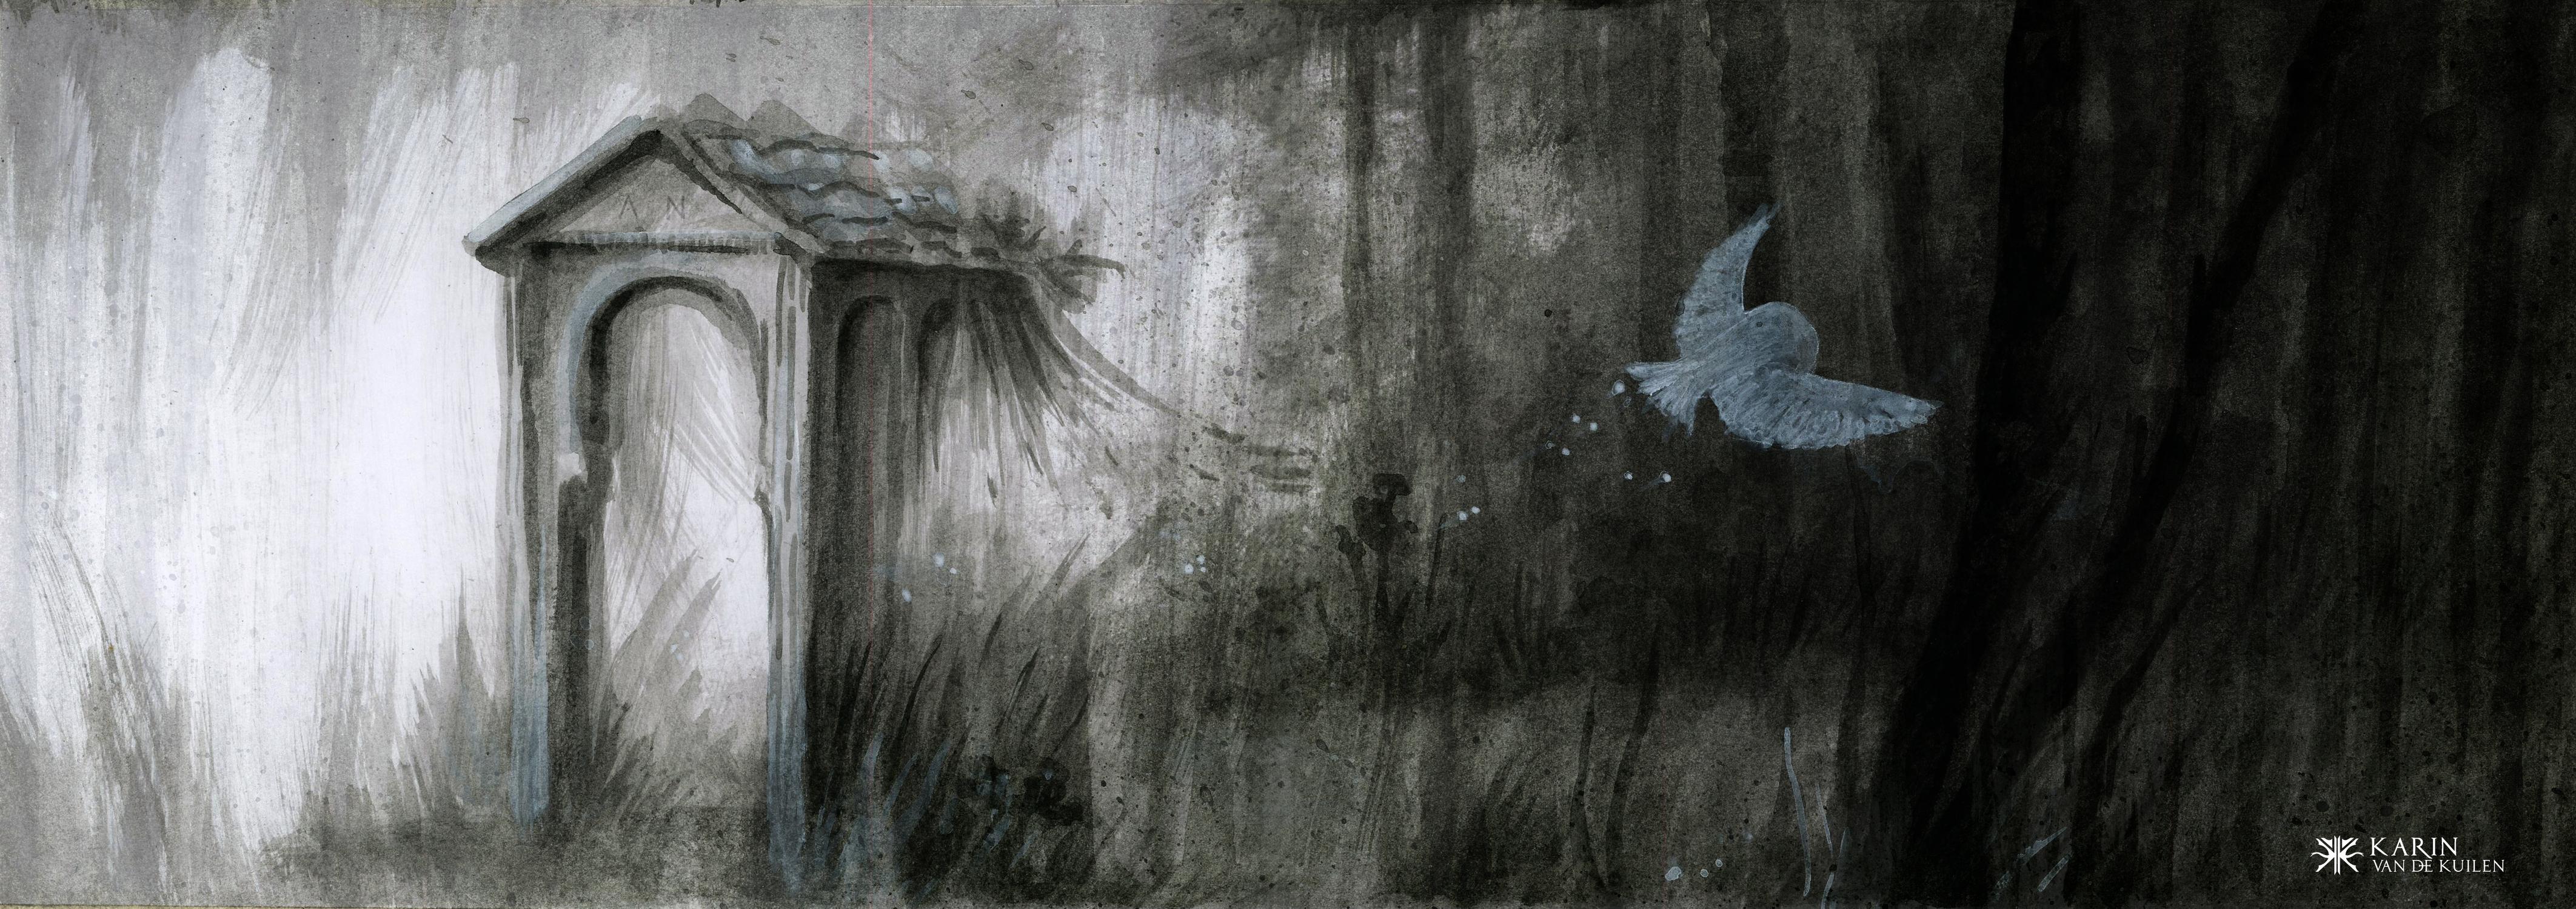 Shadows Gate Artwork by Karin  van de Kuilen